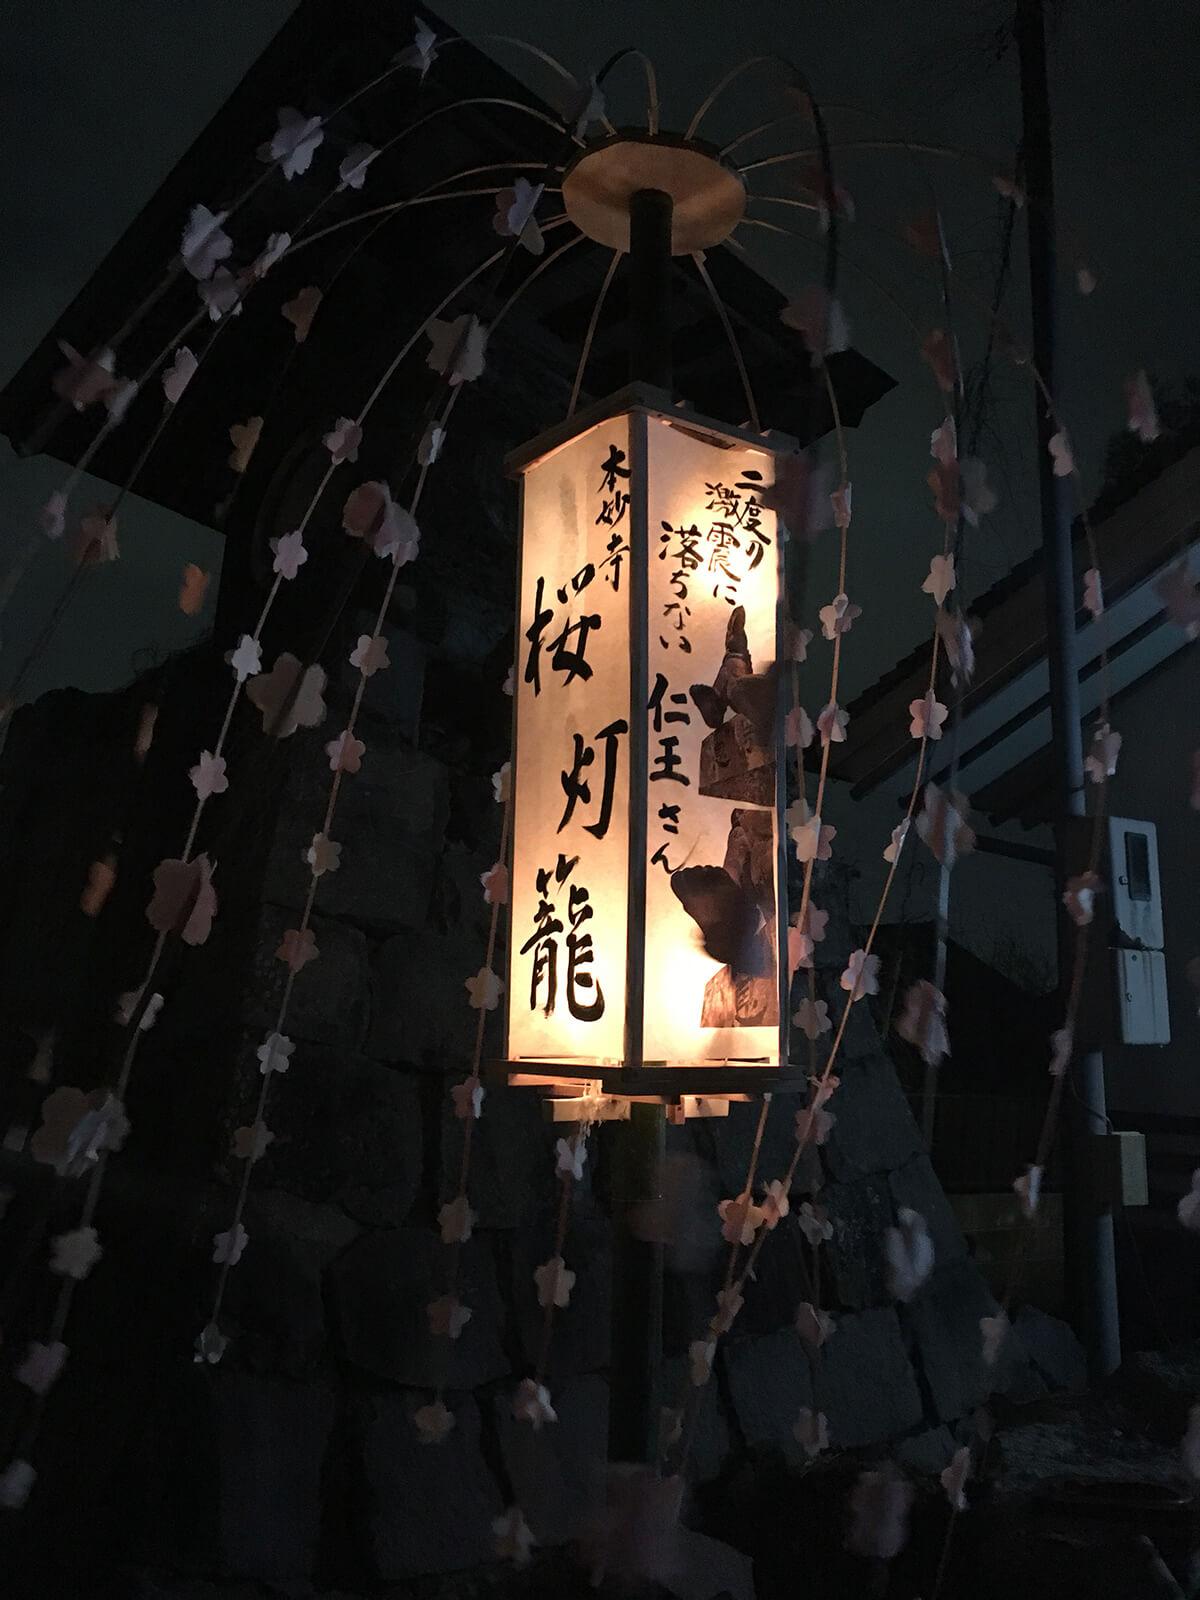 仁王さん 桜灯籠